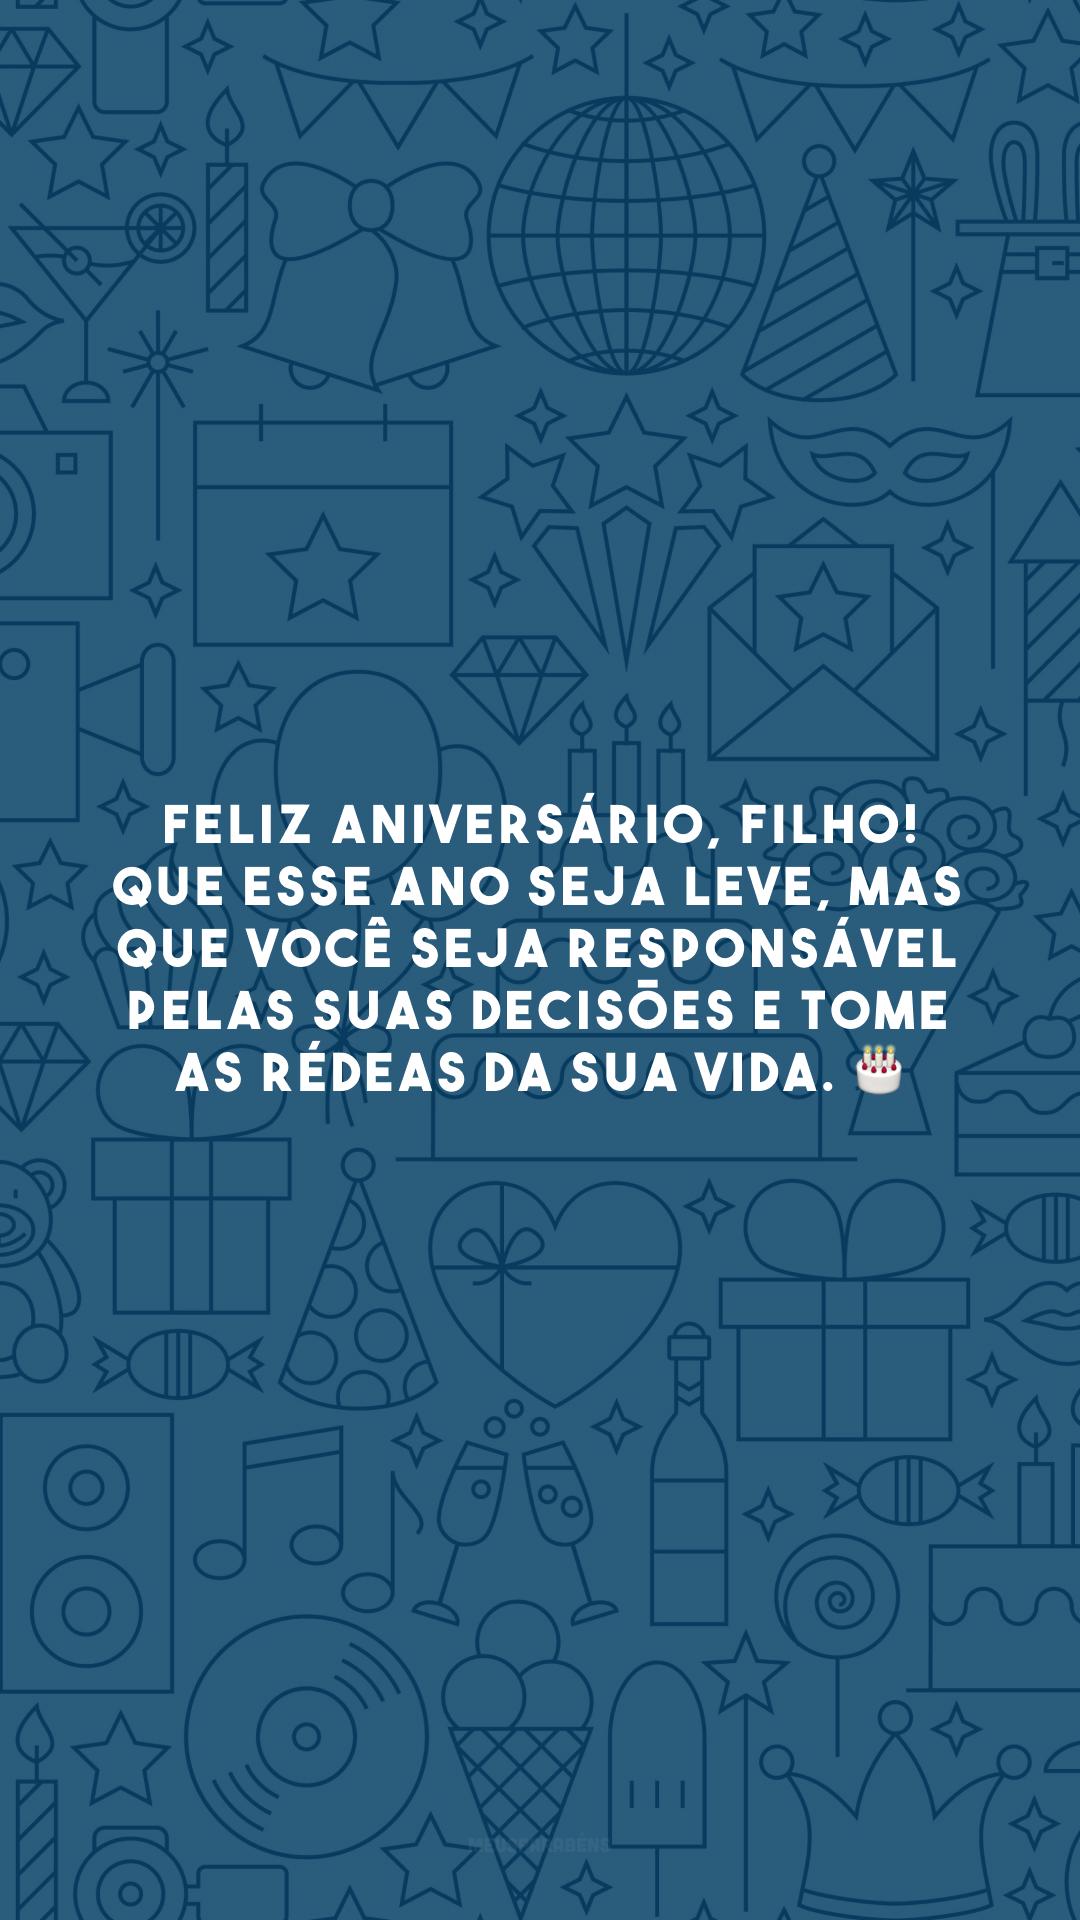 Feliz aniversário, filho! Que esse ano seja leve, mas que você seja responsável pelas suas decisões e tome as rédeas da sua vida. 🎂